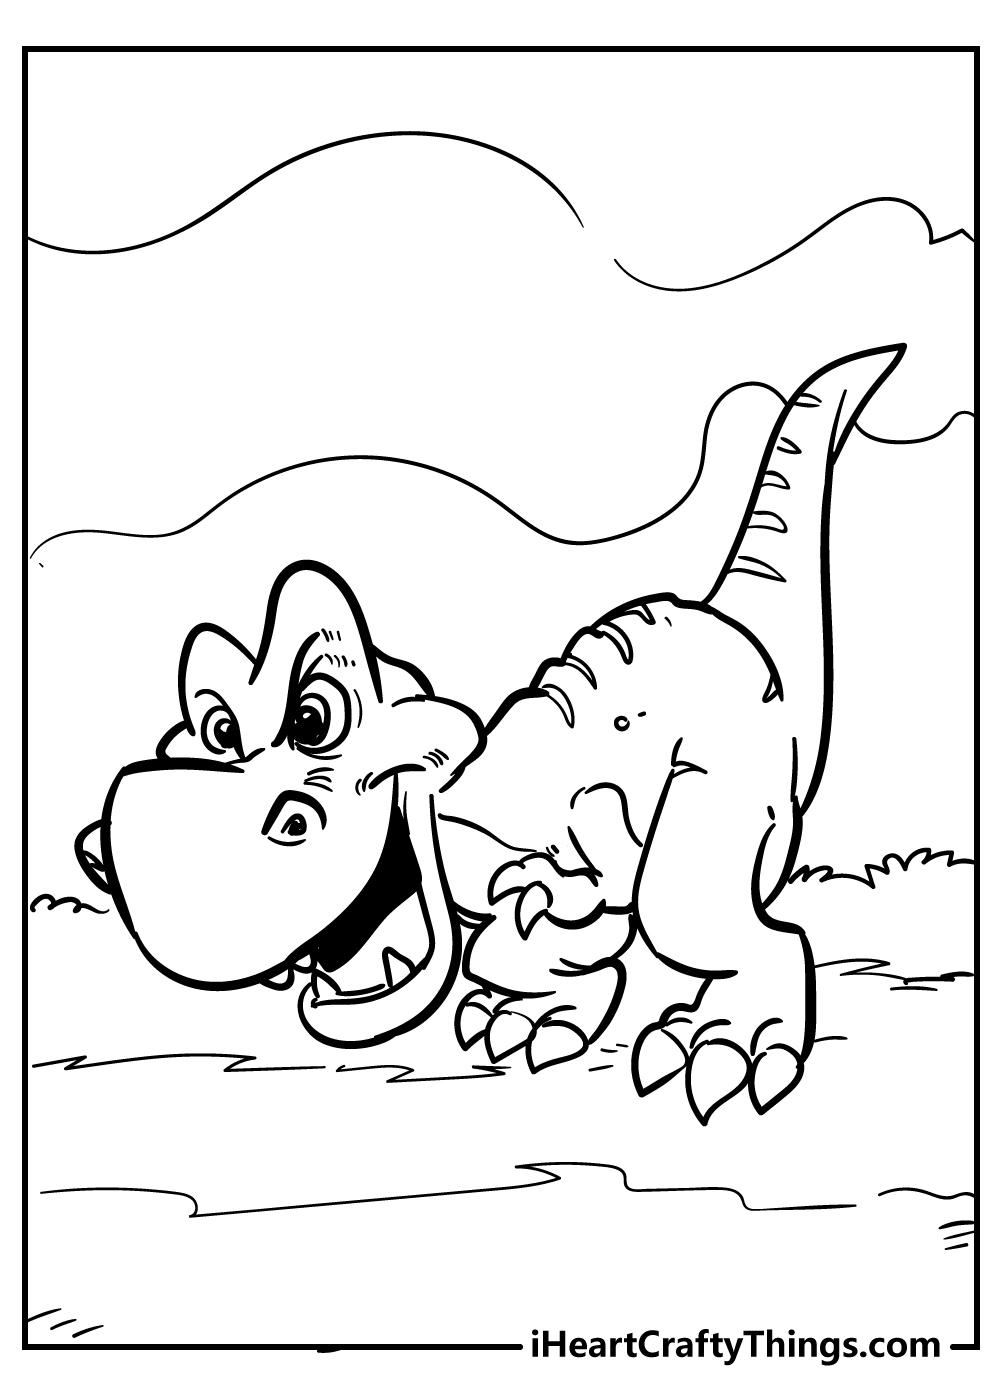 t-rex drawing coloring sheet free printable